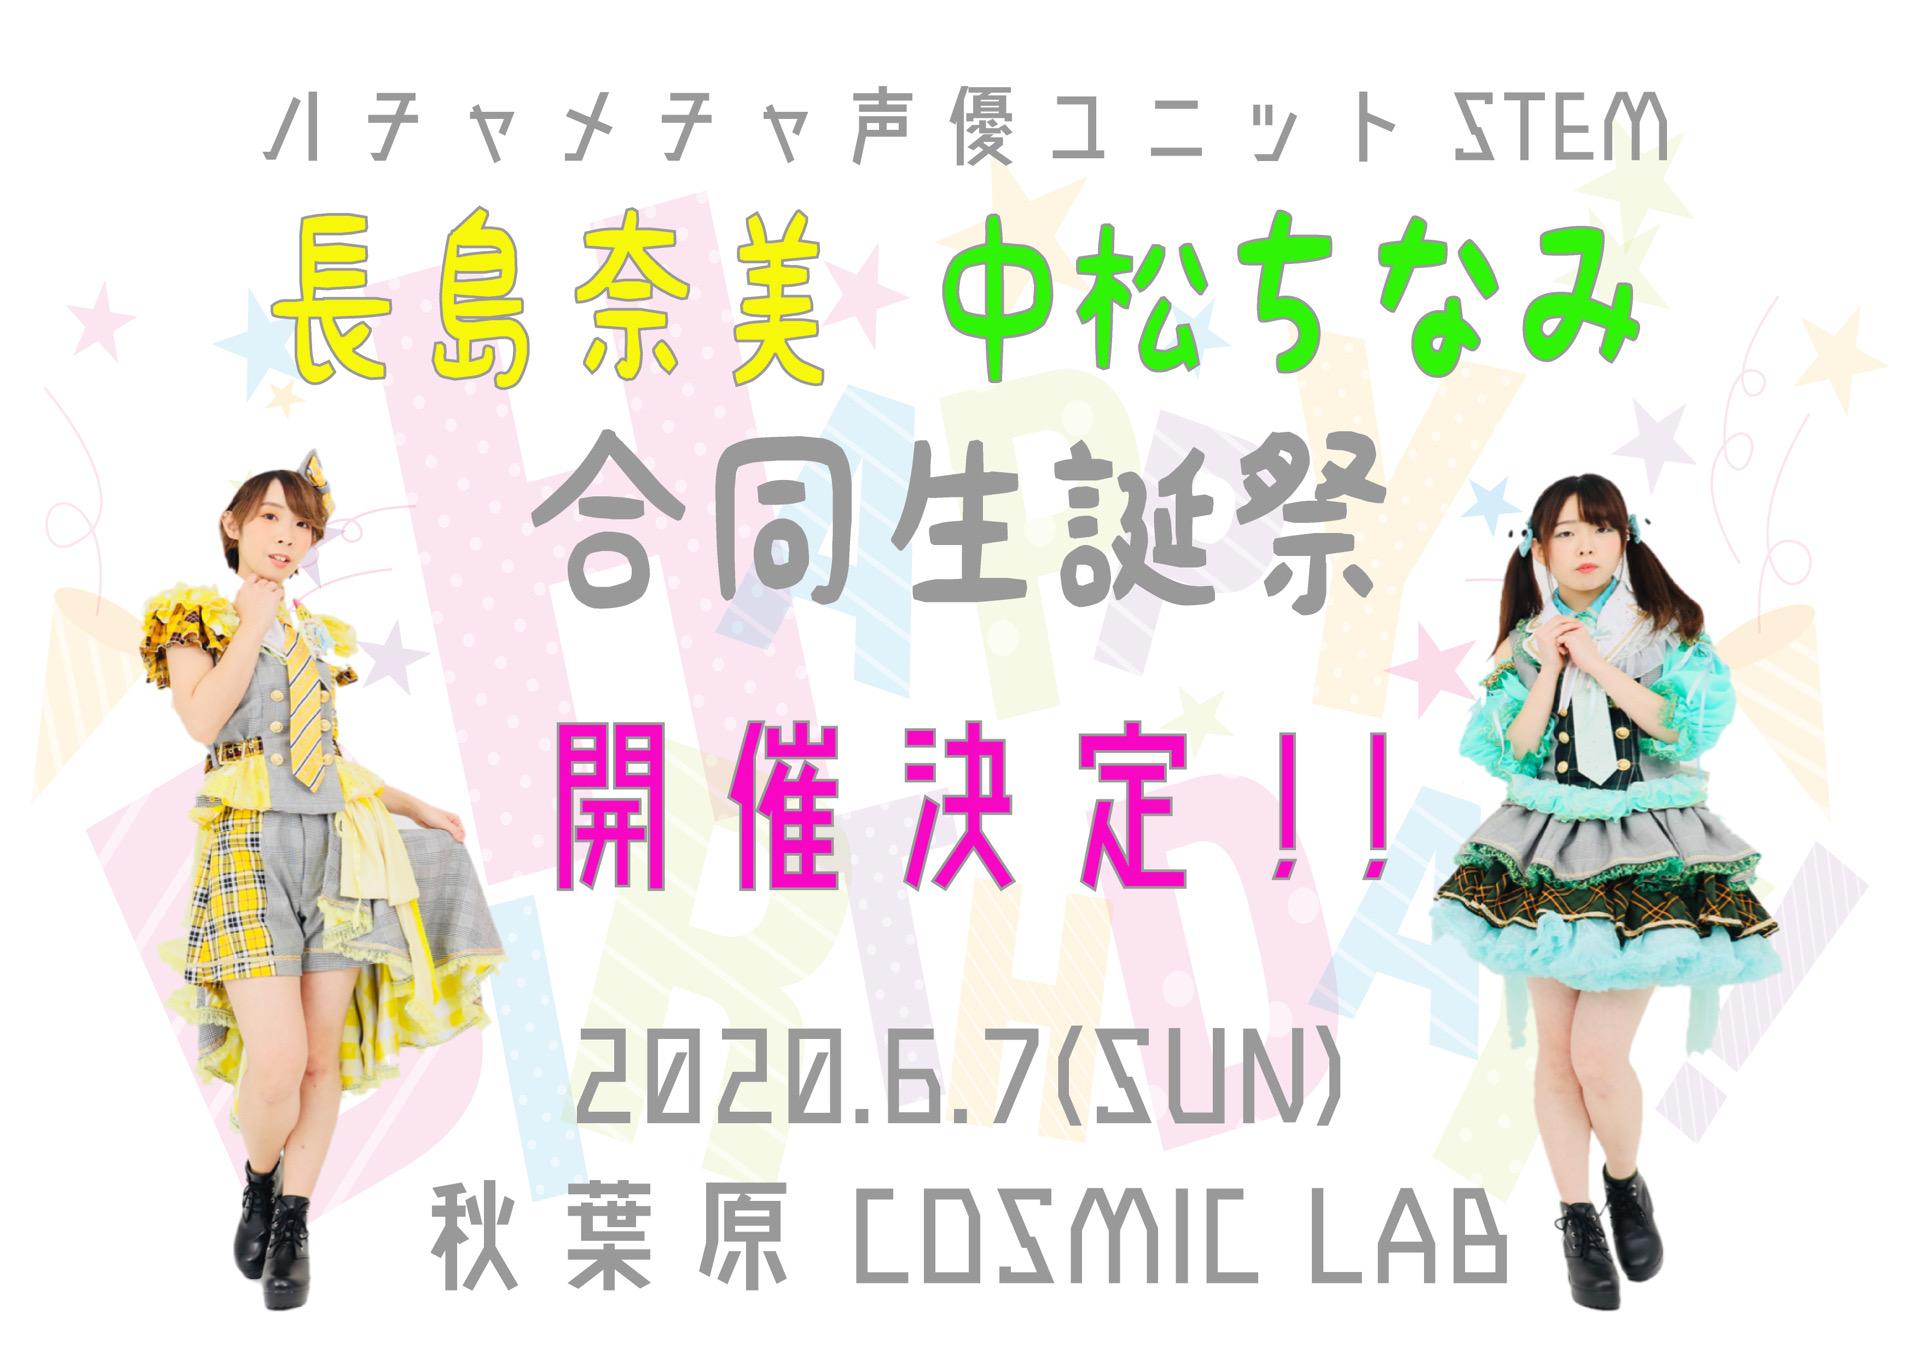 ハチャメチャ声優ユニット STEM『長島奈美・中松ちなみ 合同生誕祭』